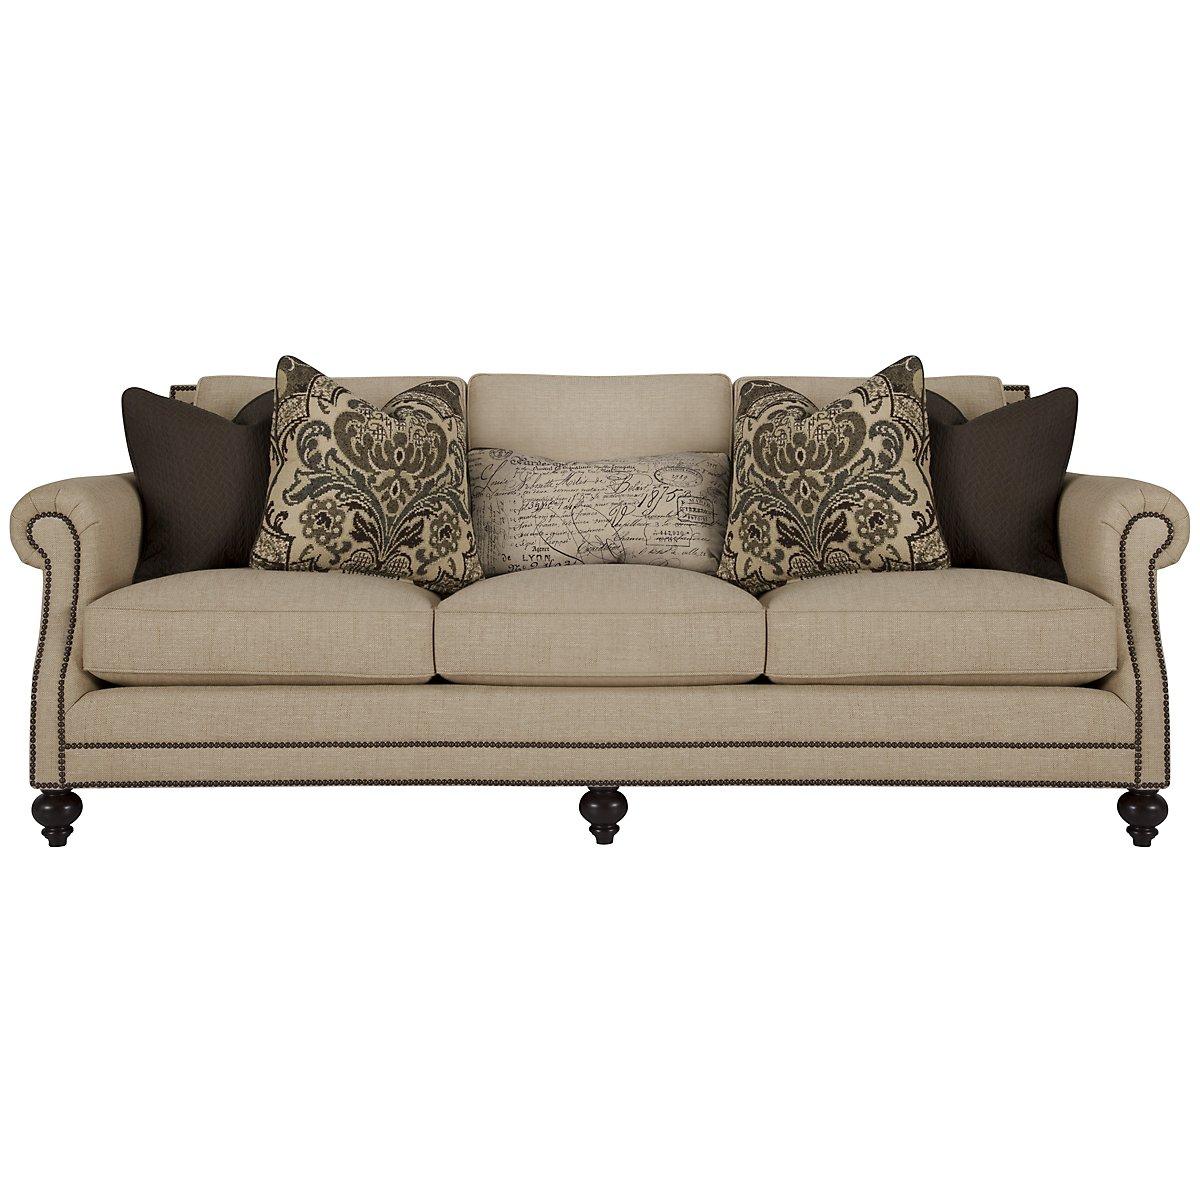 Brae Beige Fabric Sofa